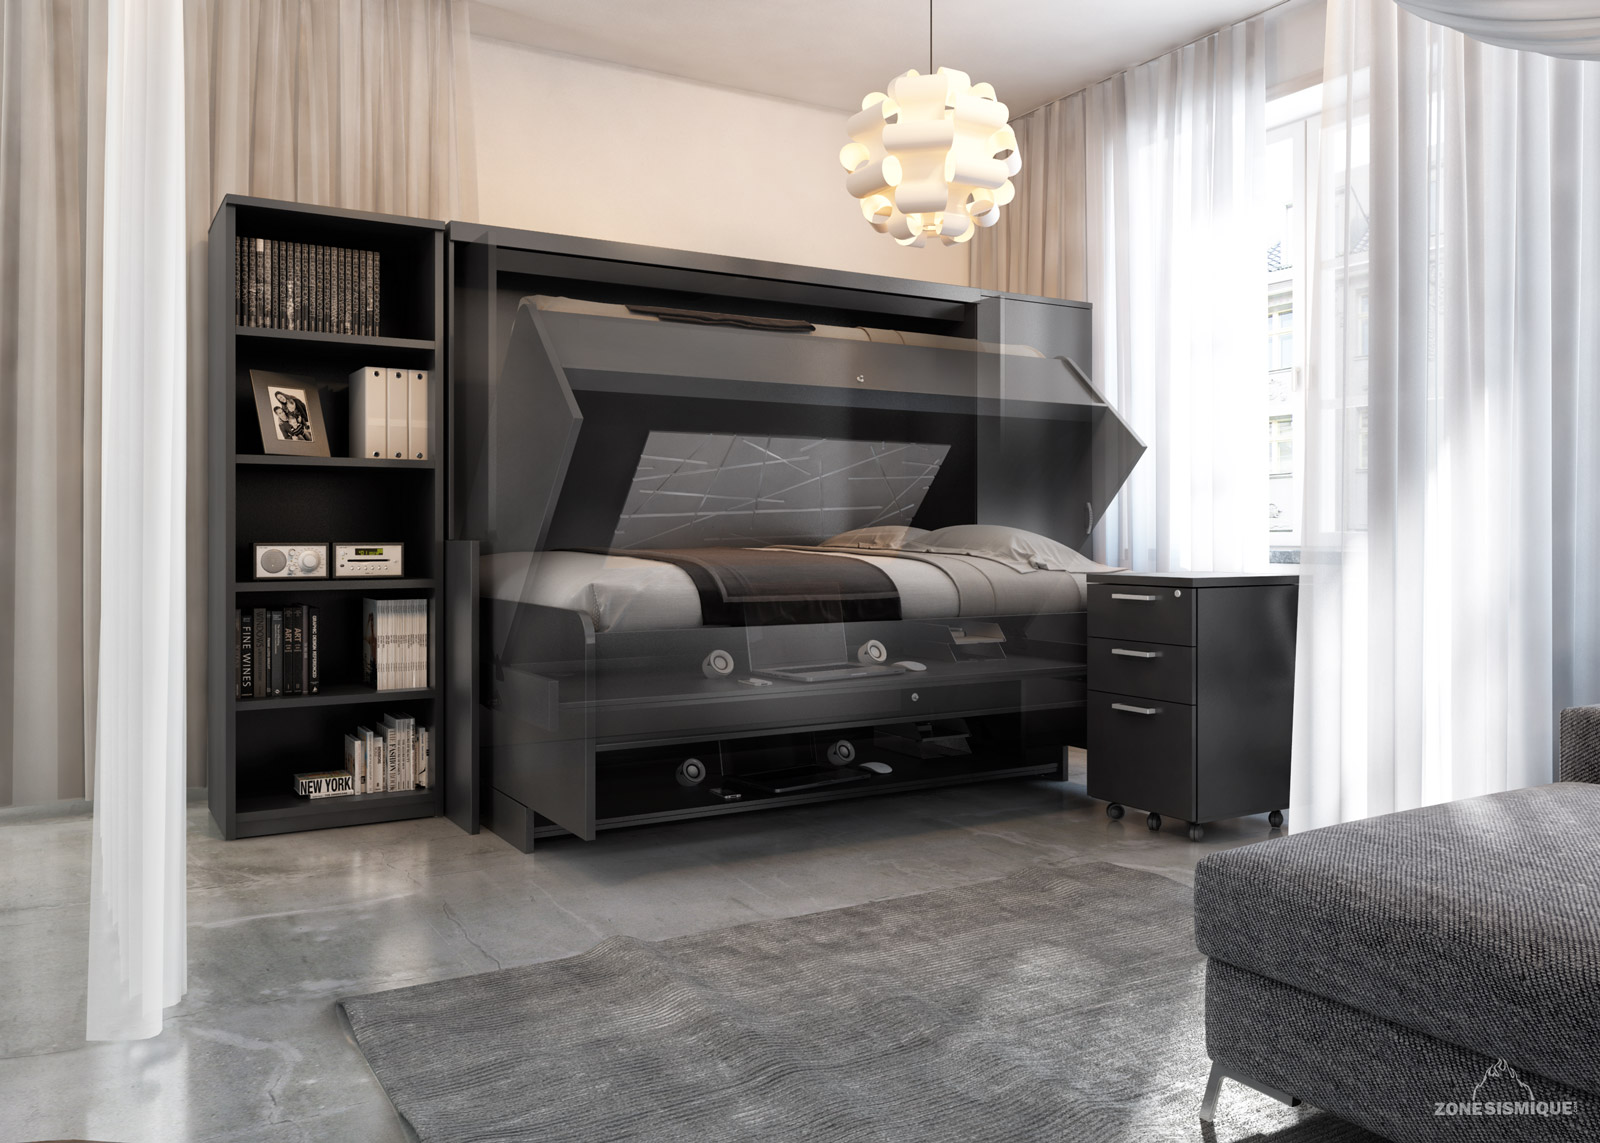 zone sismique g module concept bureau lit moderne mouvement zone sismique design. Black Bedroom Furniture Sets. Home Design Ideas